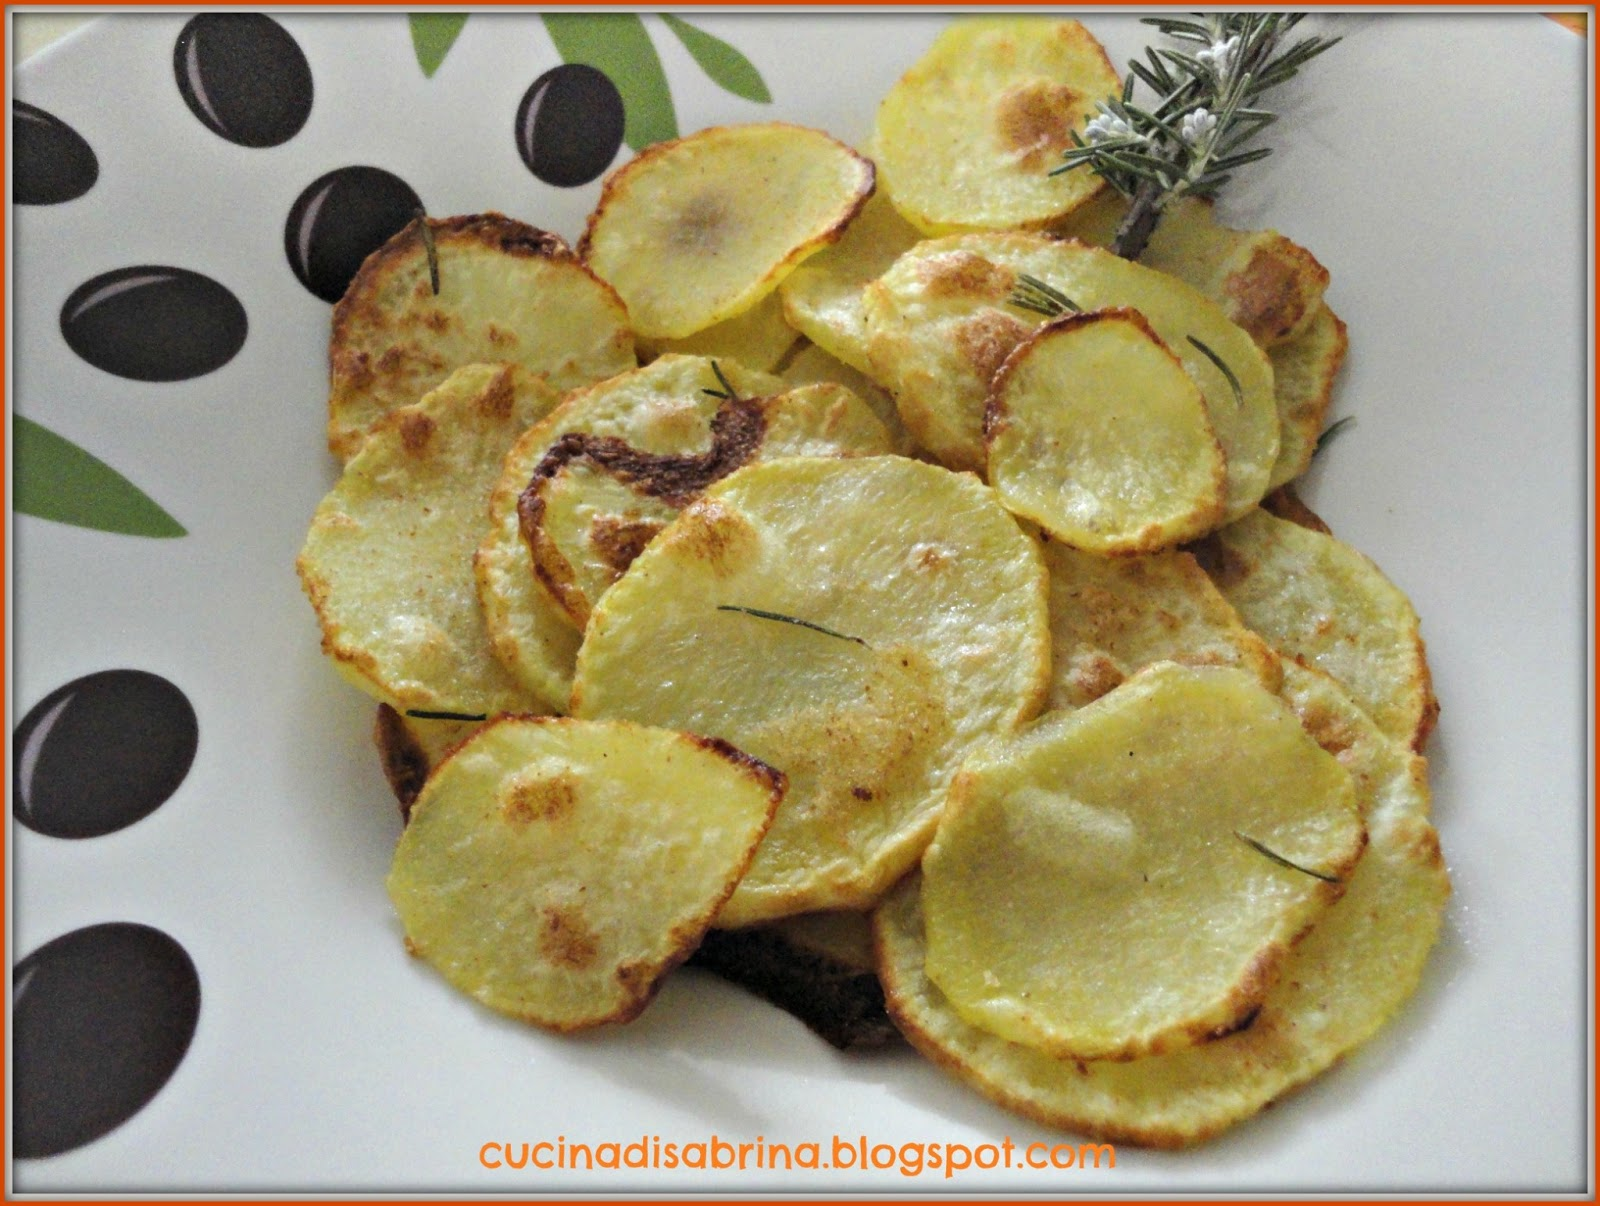 le patate al forno sono buonissime ma spesso per farle saporite oltre agli aromi dobbiamo mettere nella teglia parecchio olio che le appesantisce e cosa